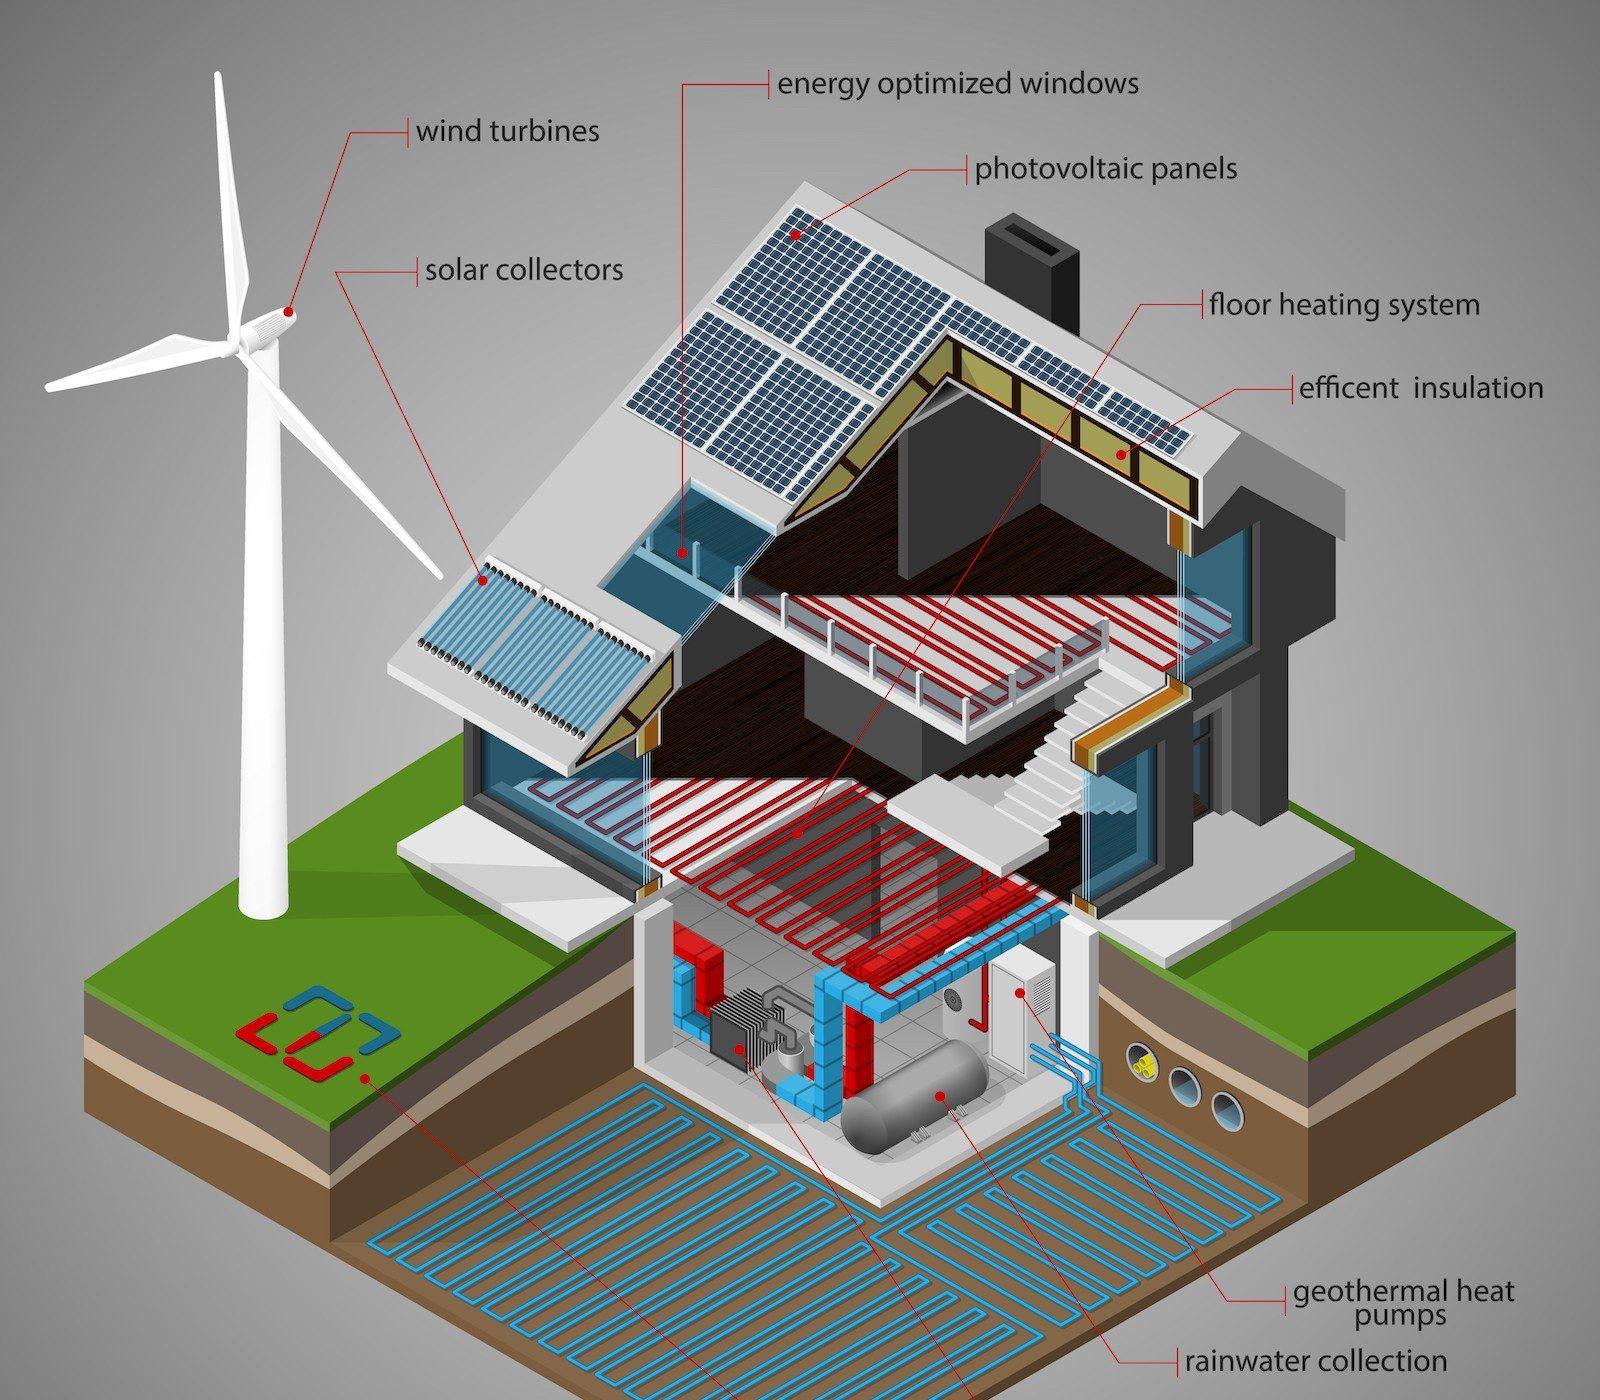 net-zero energy building